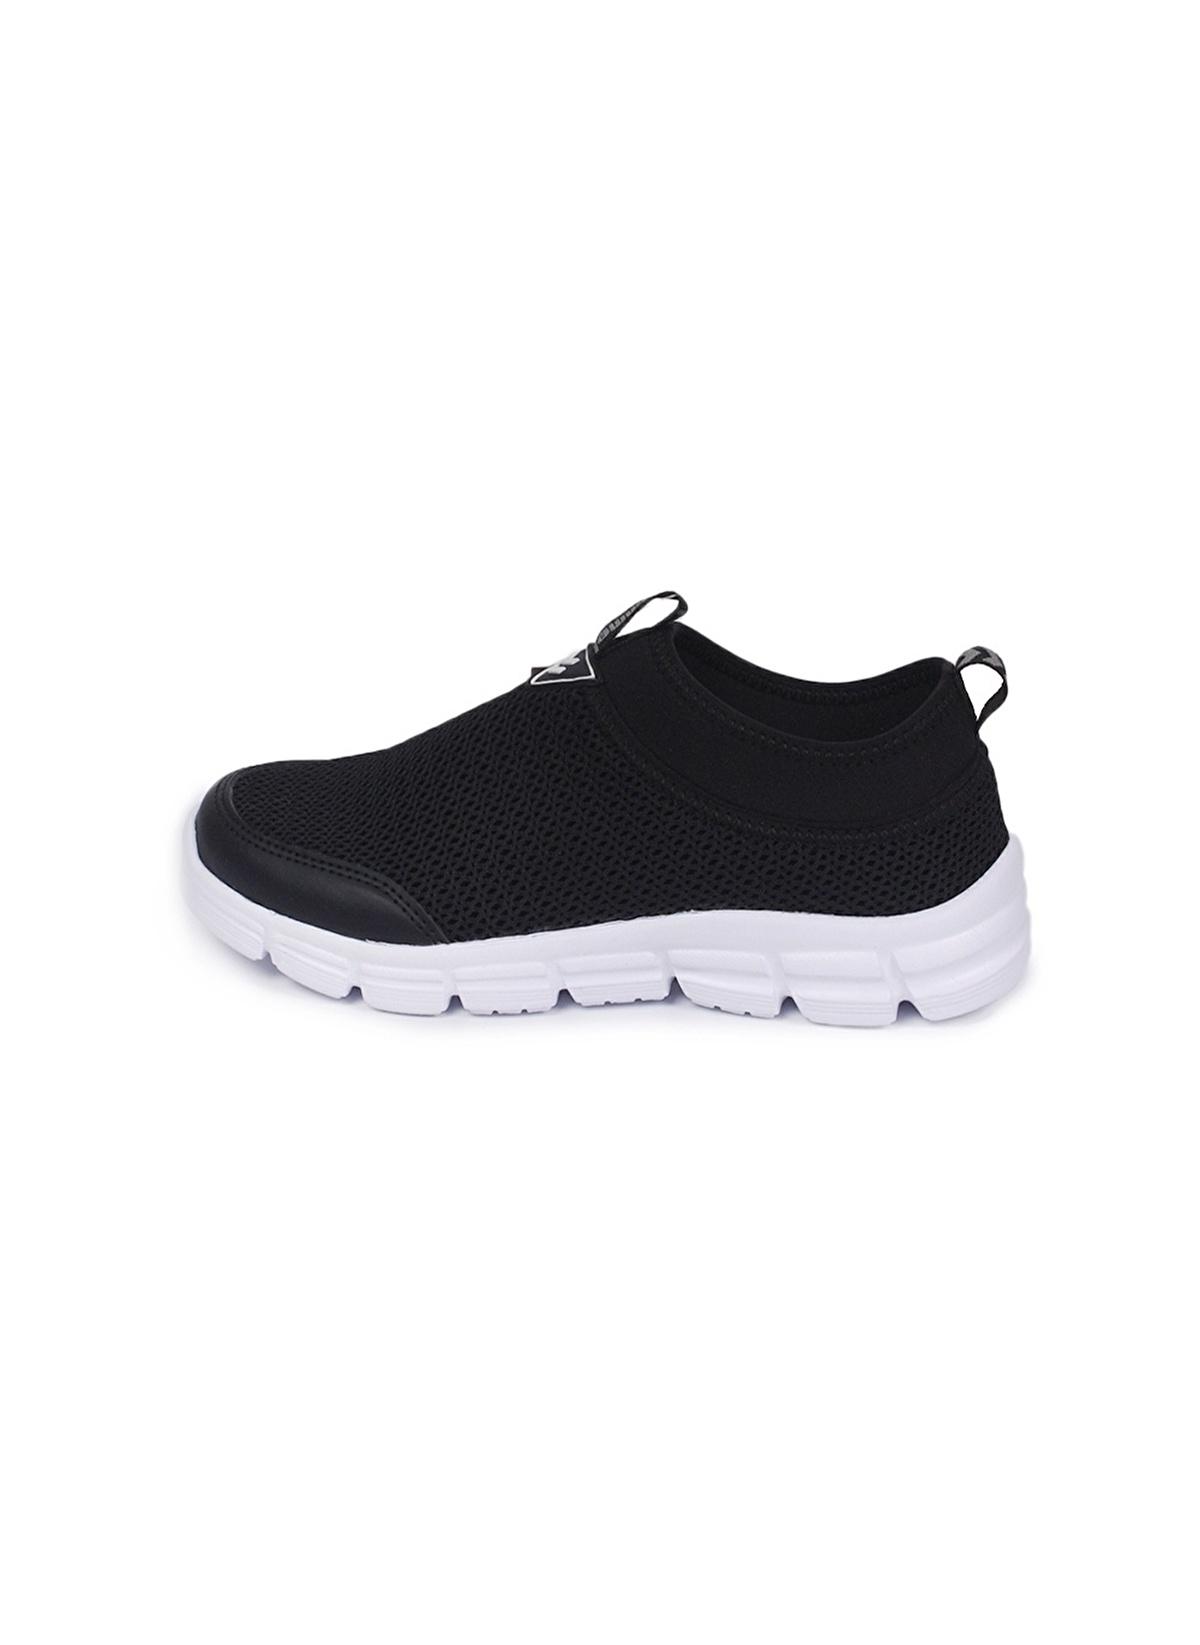 Hummel Spor Ayakkabı 204701-2001-hmlactıve-jr-lıfestyle-shoes – 83.97 TL